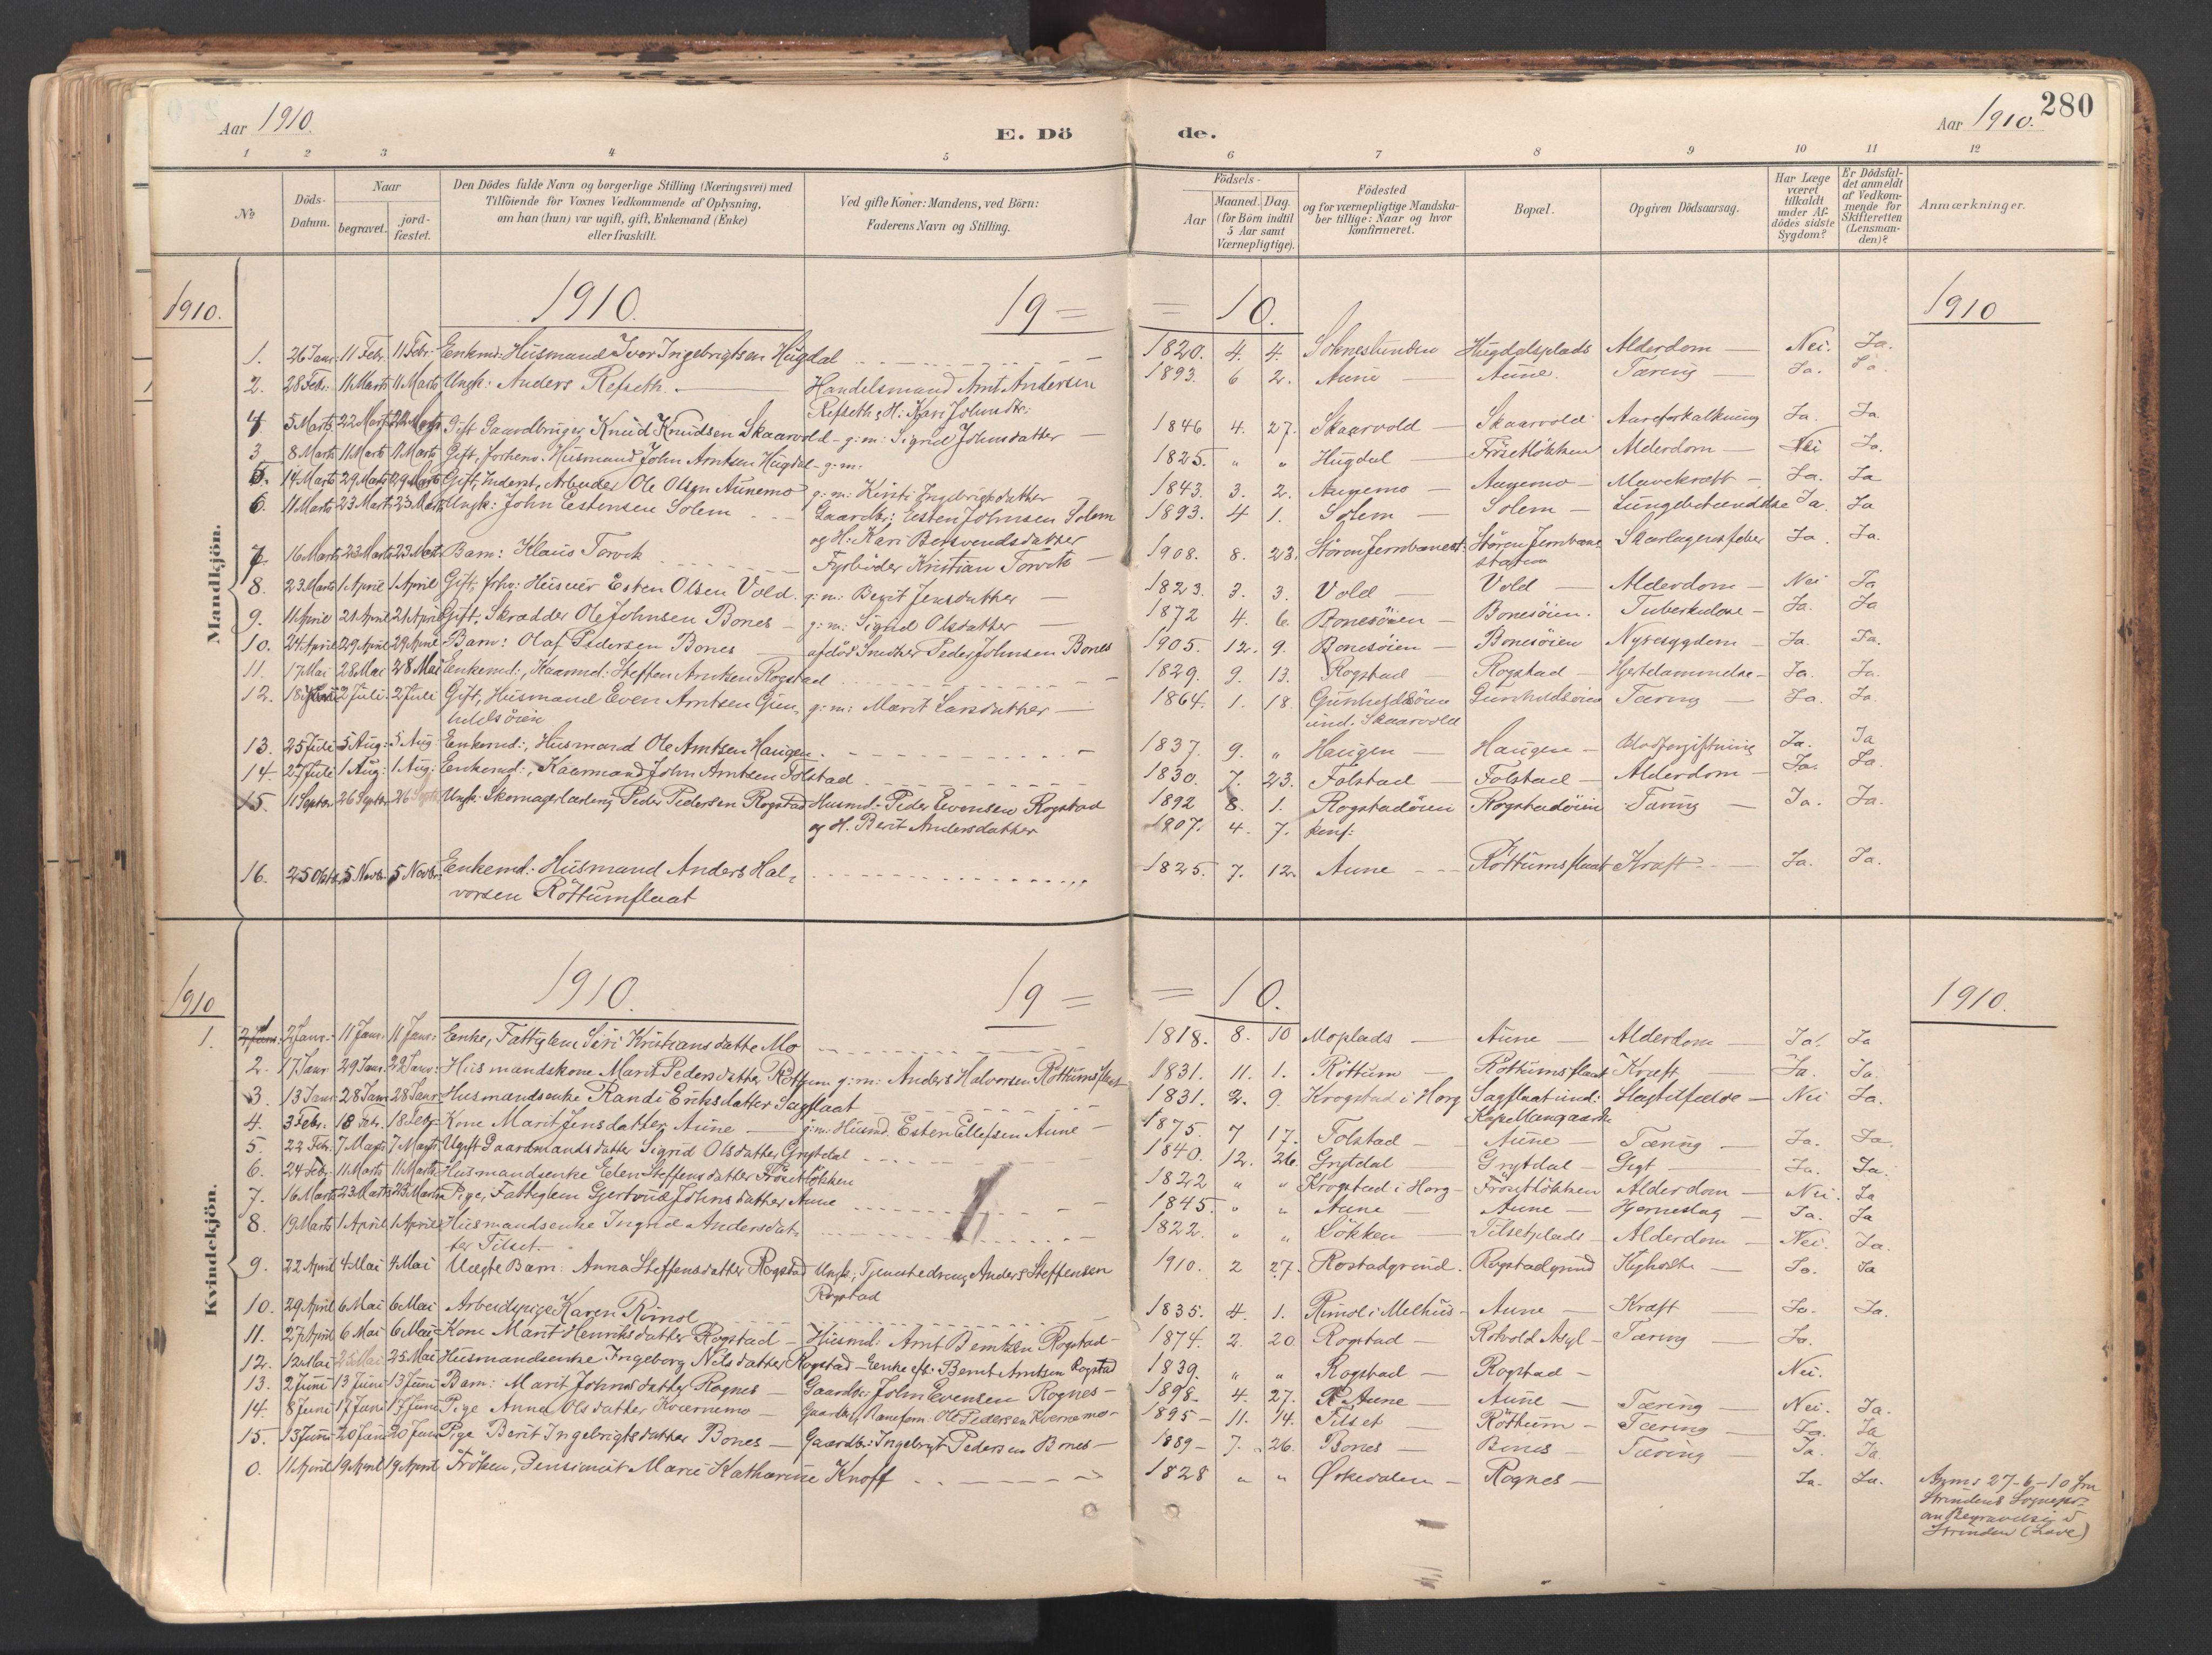 SAT, Ministerialprotokoller, klokkerbøker og fødselsregistre - Sør-Trøndelag, 687/L1004: Ministerialbok nr. 687A10, 1891-1923, s. 280